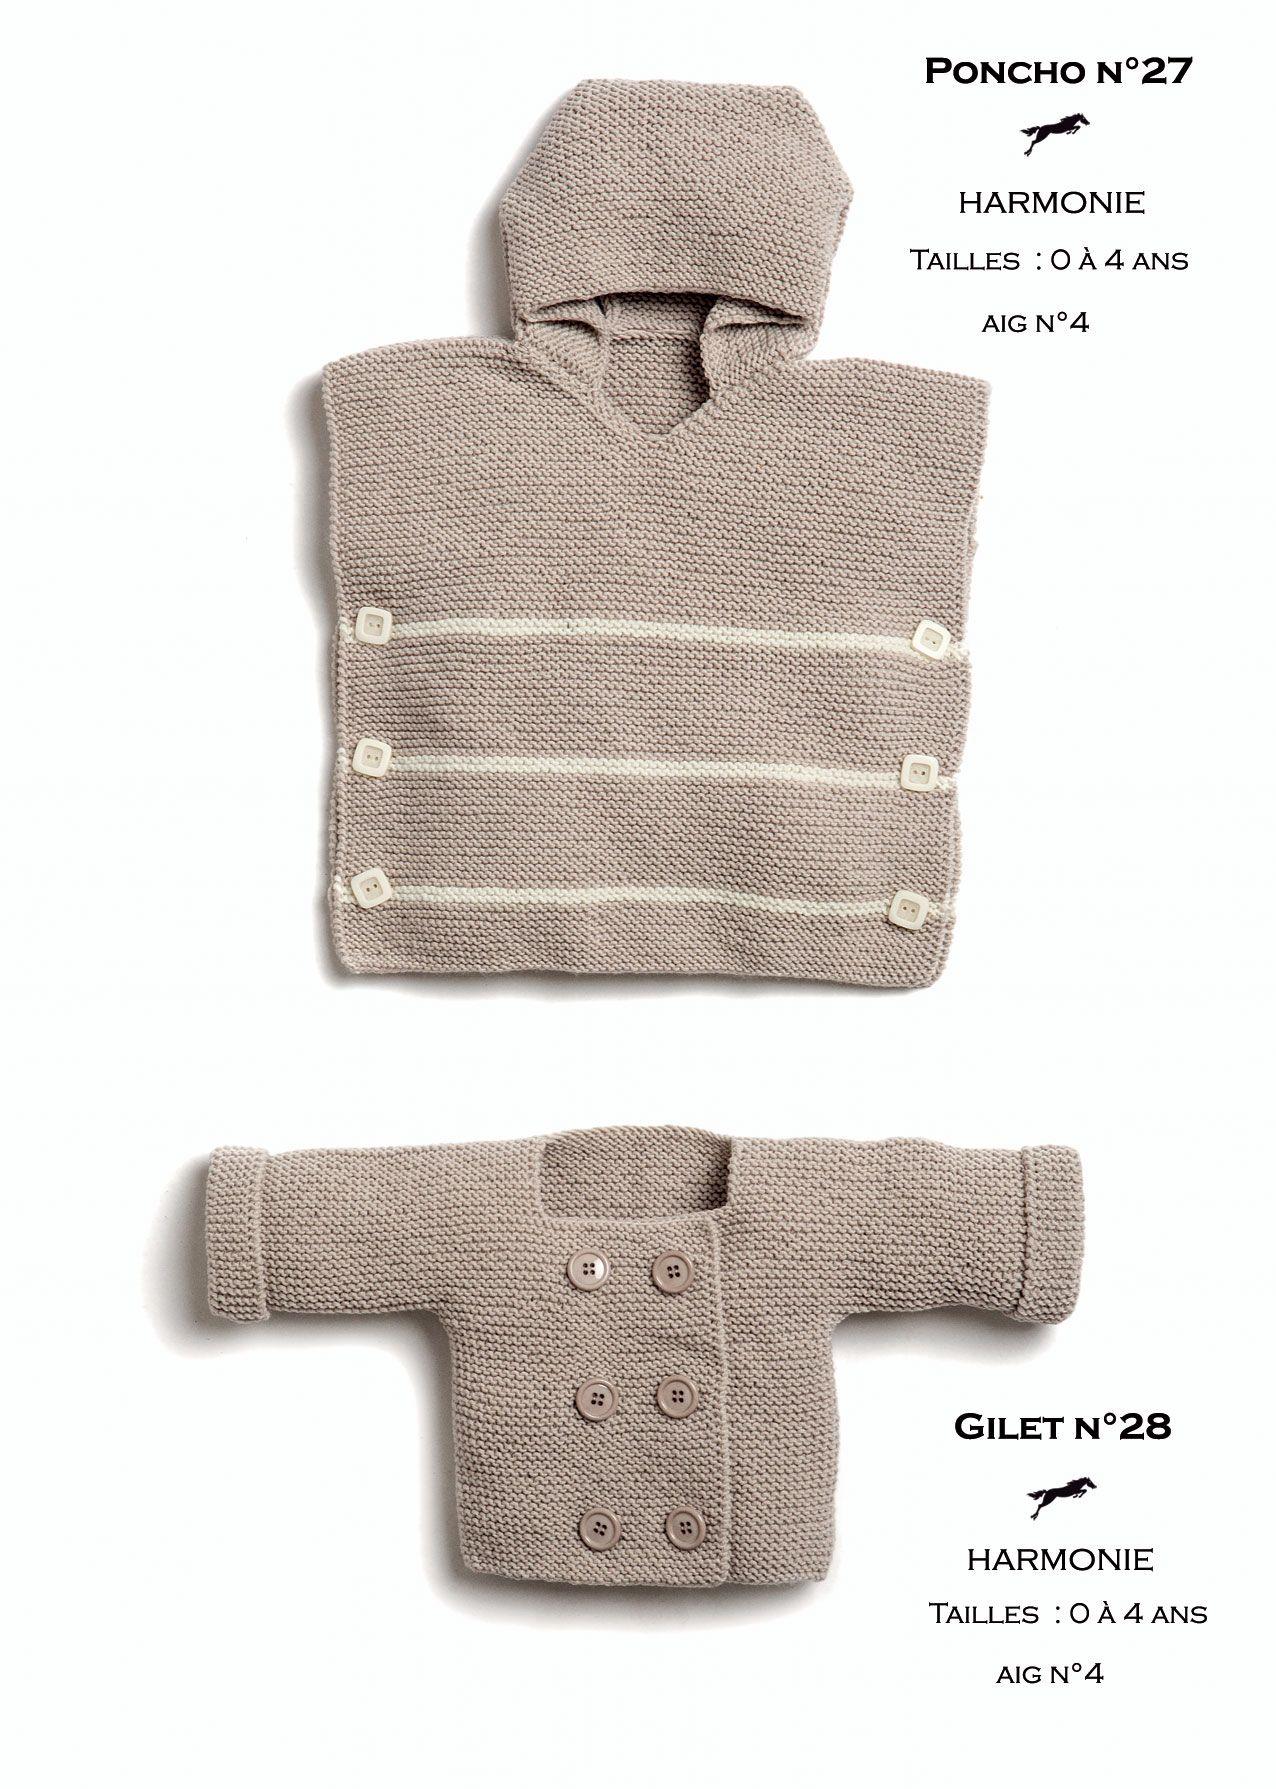 b50037b3a7d7 Un bébé bien au chaud durant toute la période hivernale grâce à ce joli  modèle de